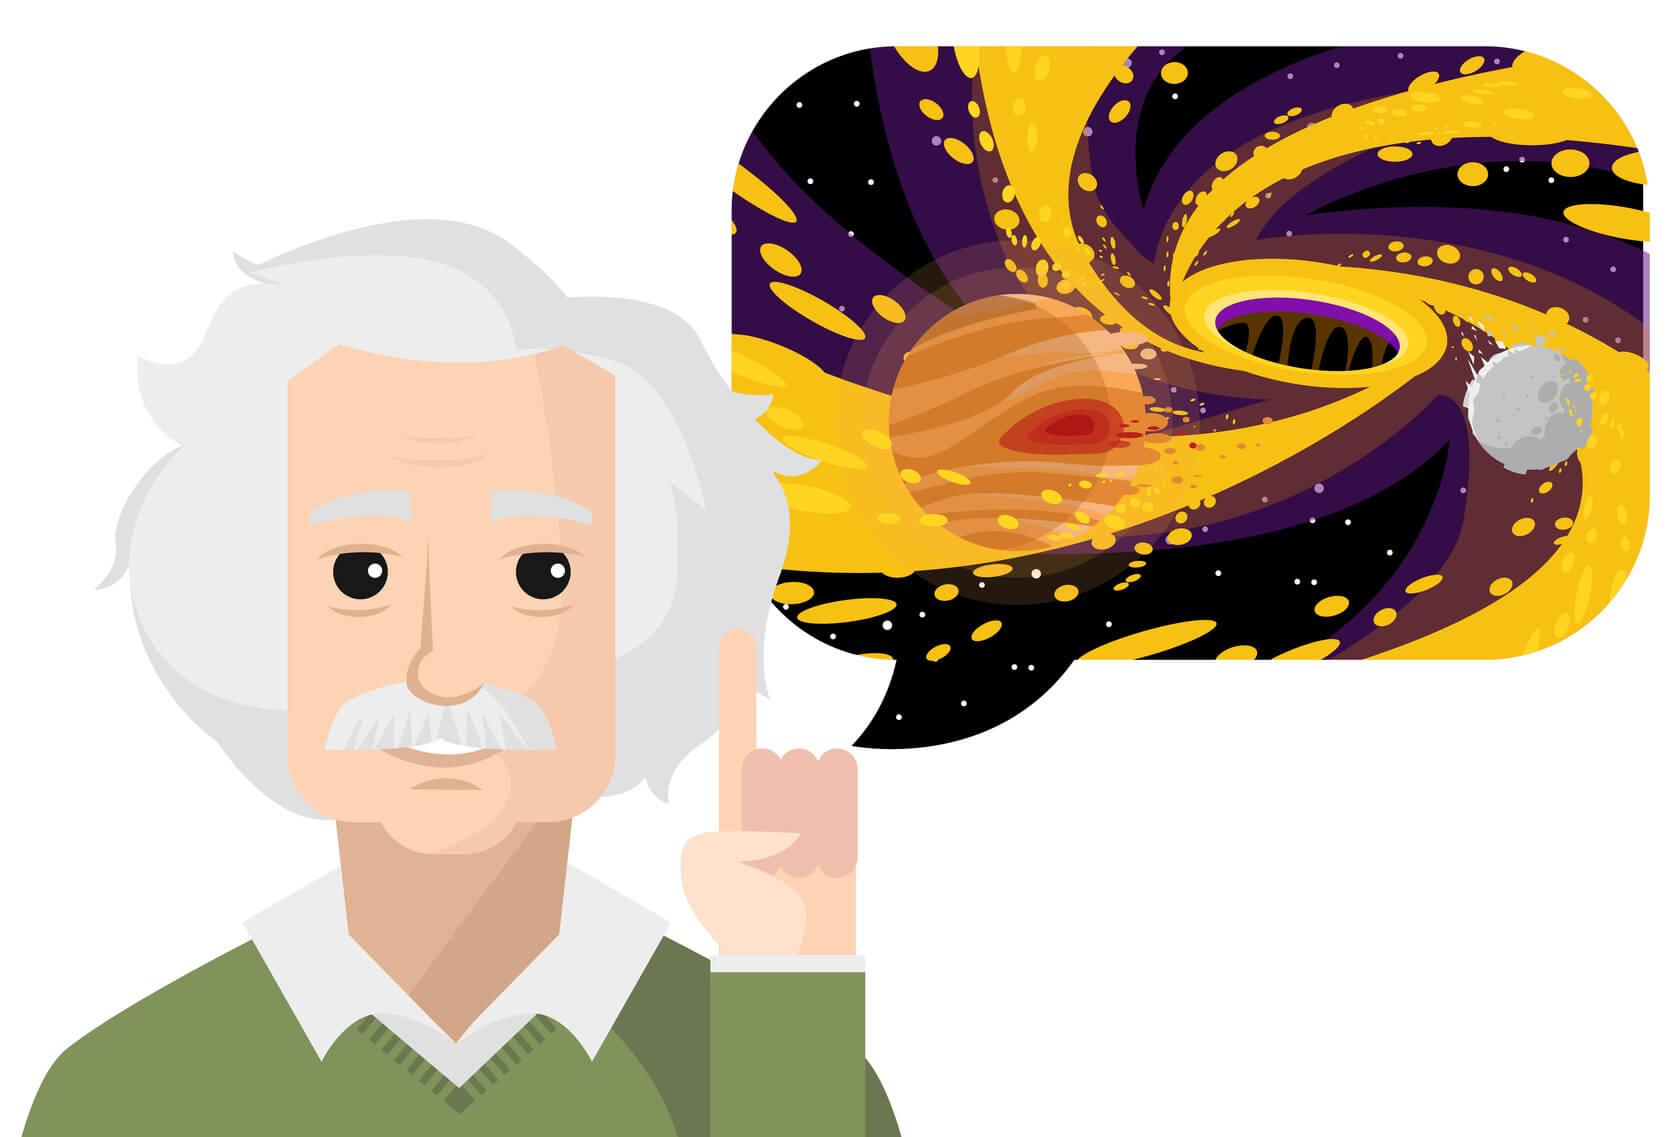 teoría de la relatividad definición, concepto y qué es2) el tiempo y el espacio se dilatan de esta manera, para que la velocidad de la luz sea la misma si la ves parado o acercándote a ella, se necesita que